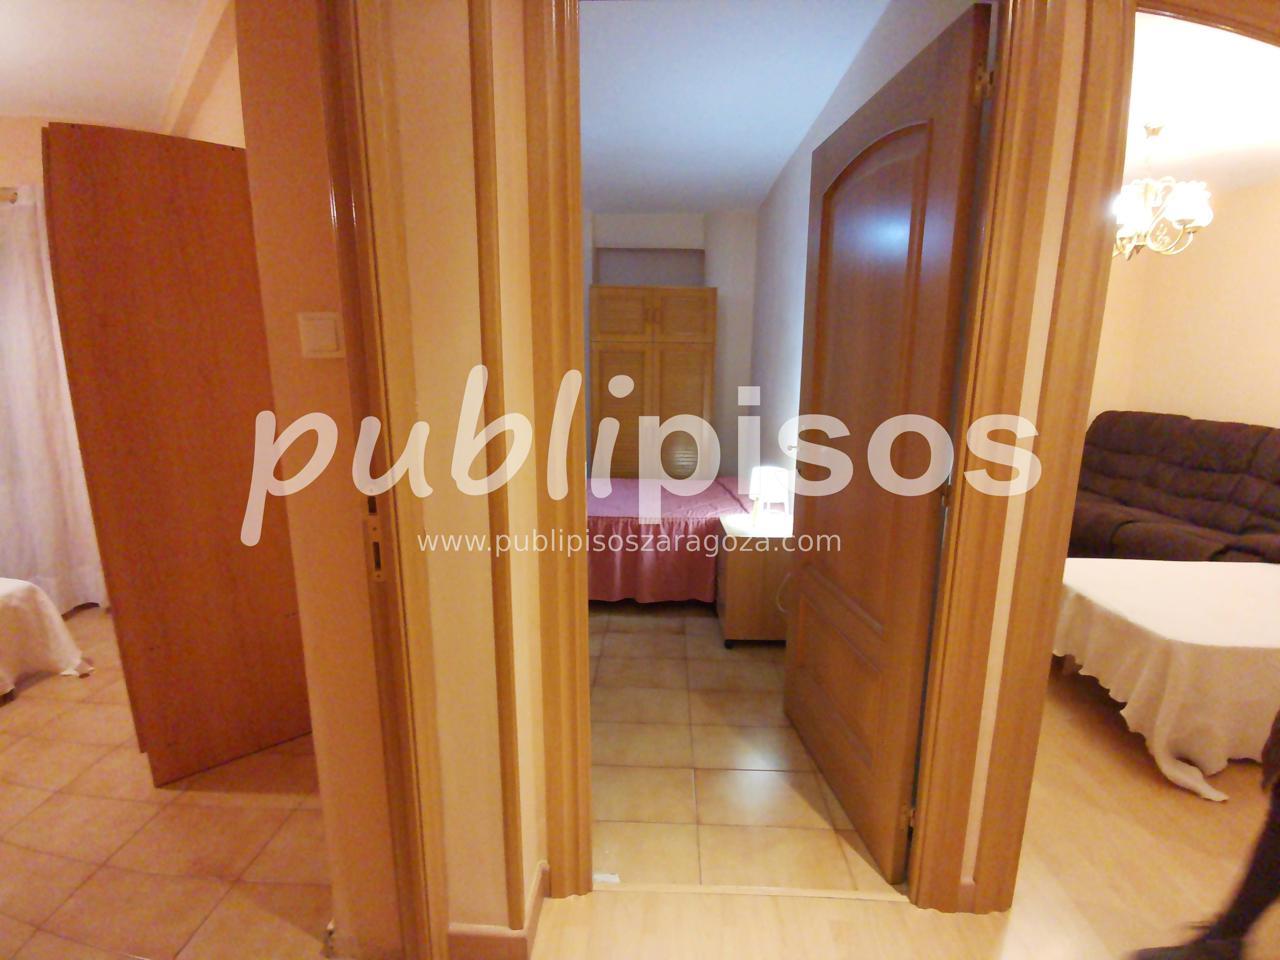 Piso GRANDE de alquiler en Delicias Zaragoza-42